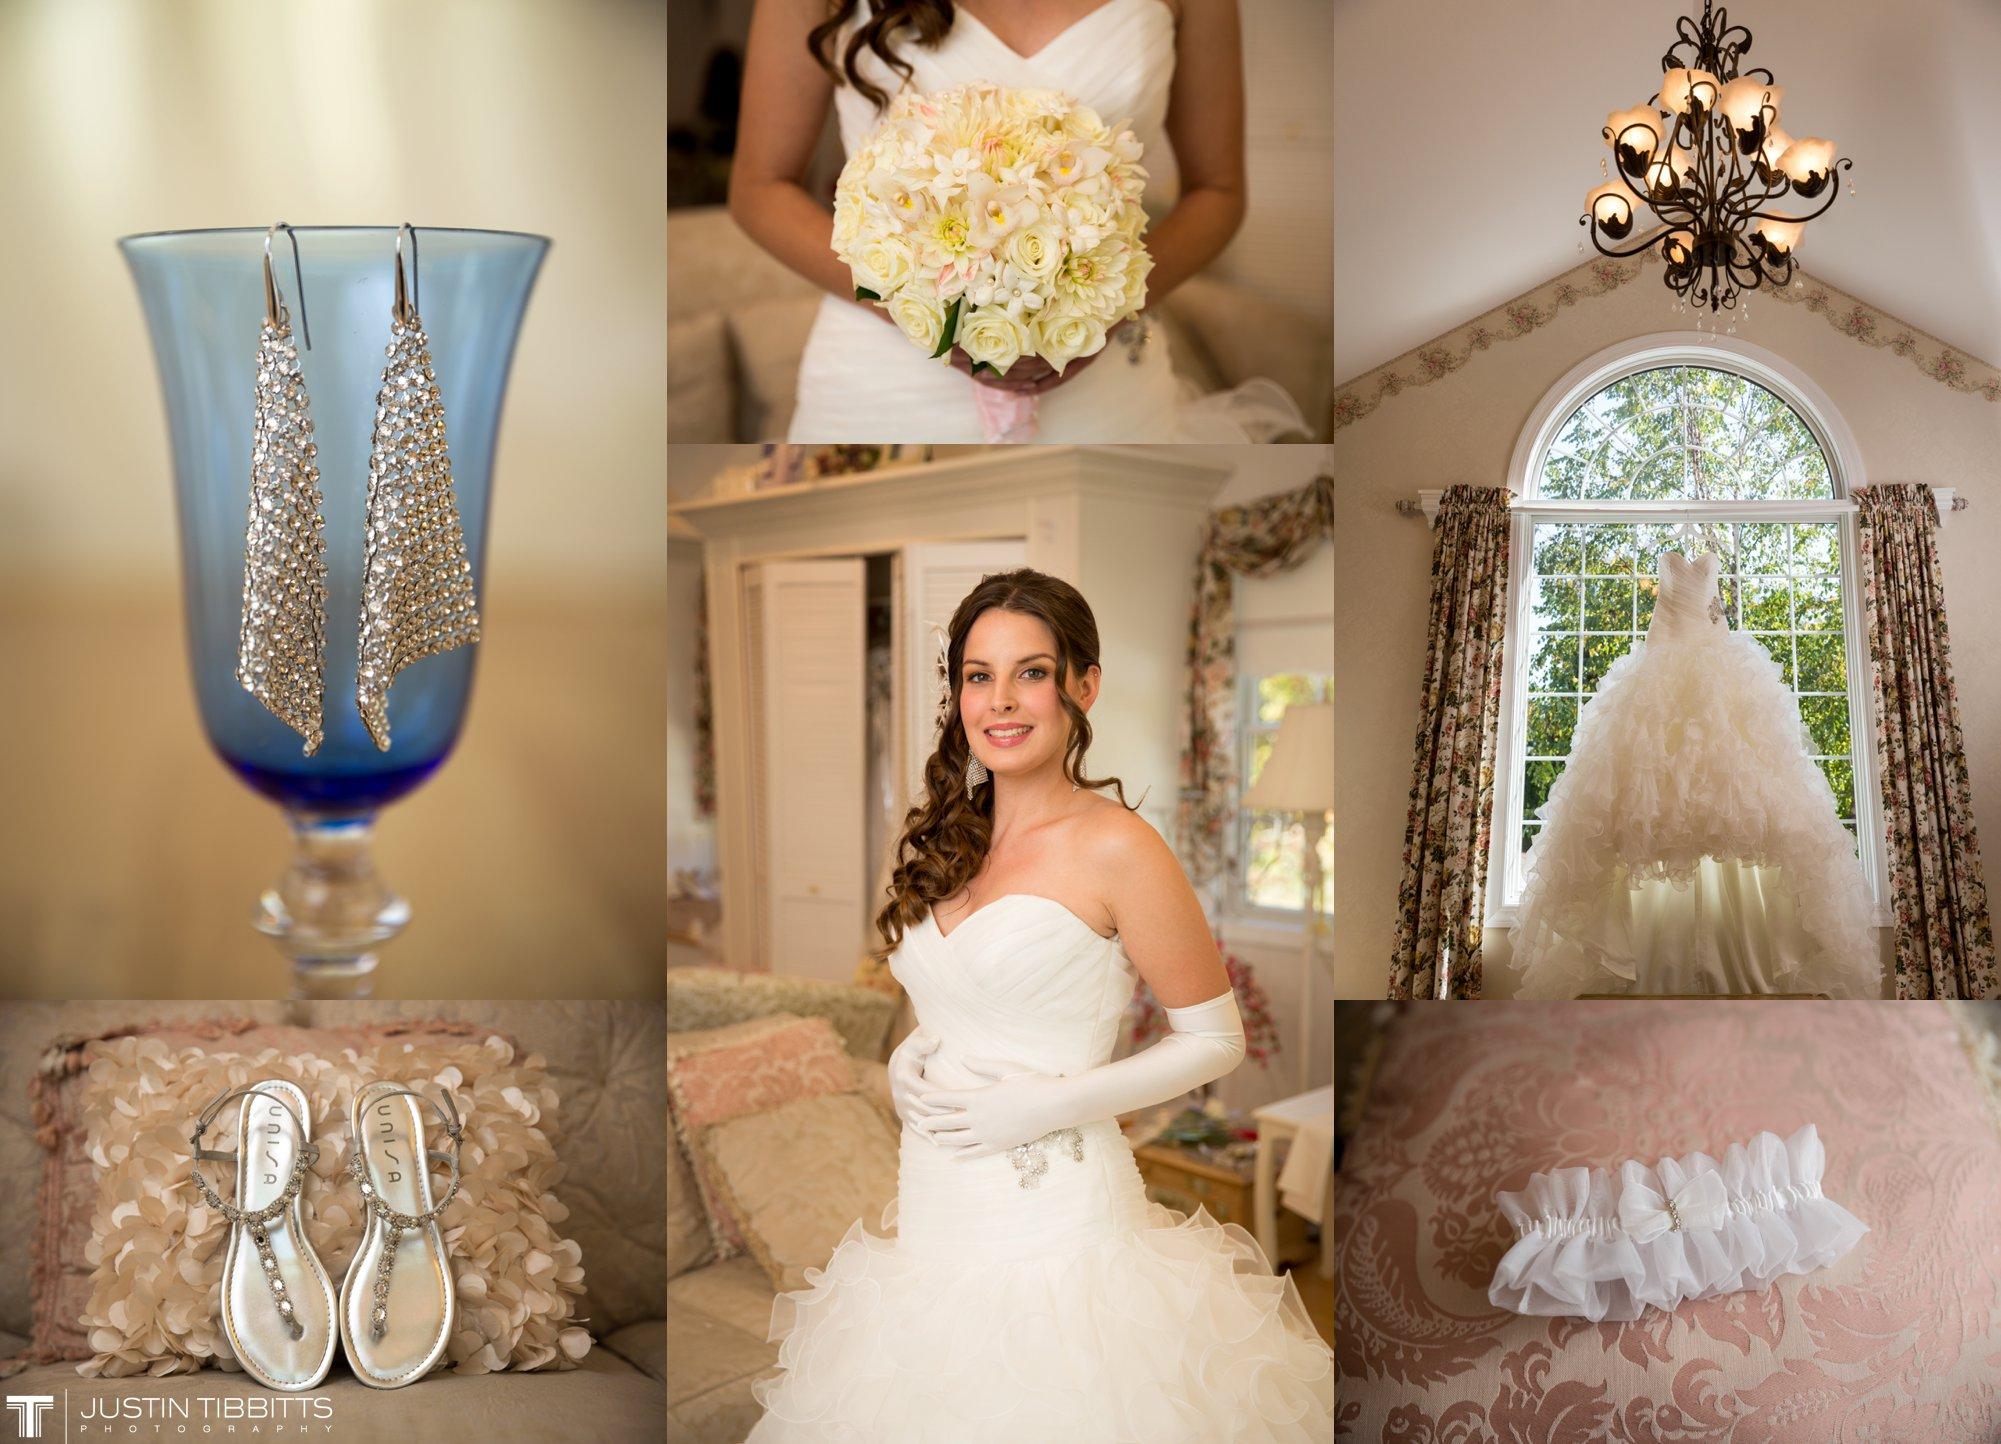 Albany NY Wedding Photographer Justin Tibbitts Photography 2014 Best of Albany NY Weddings-369121